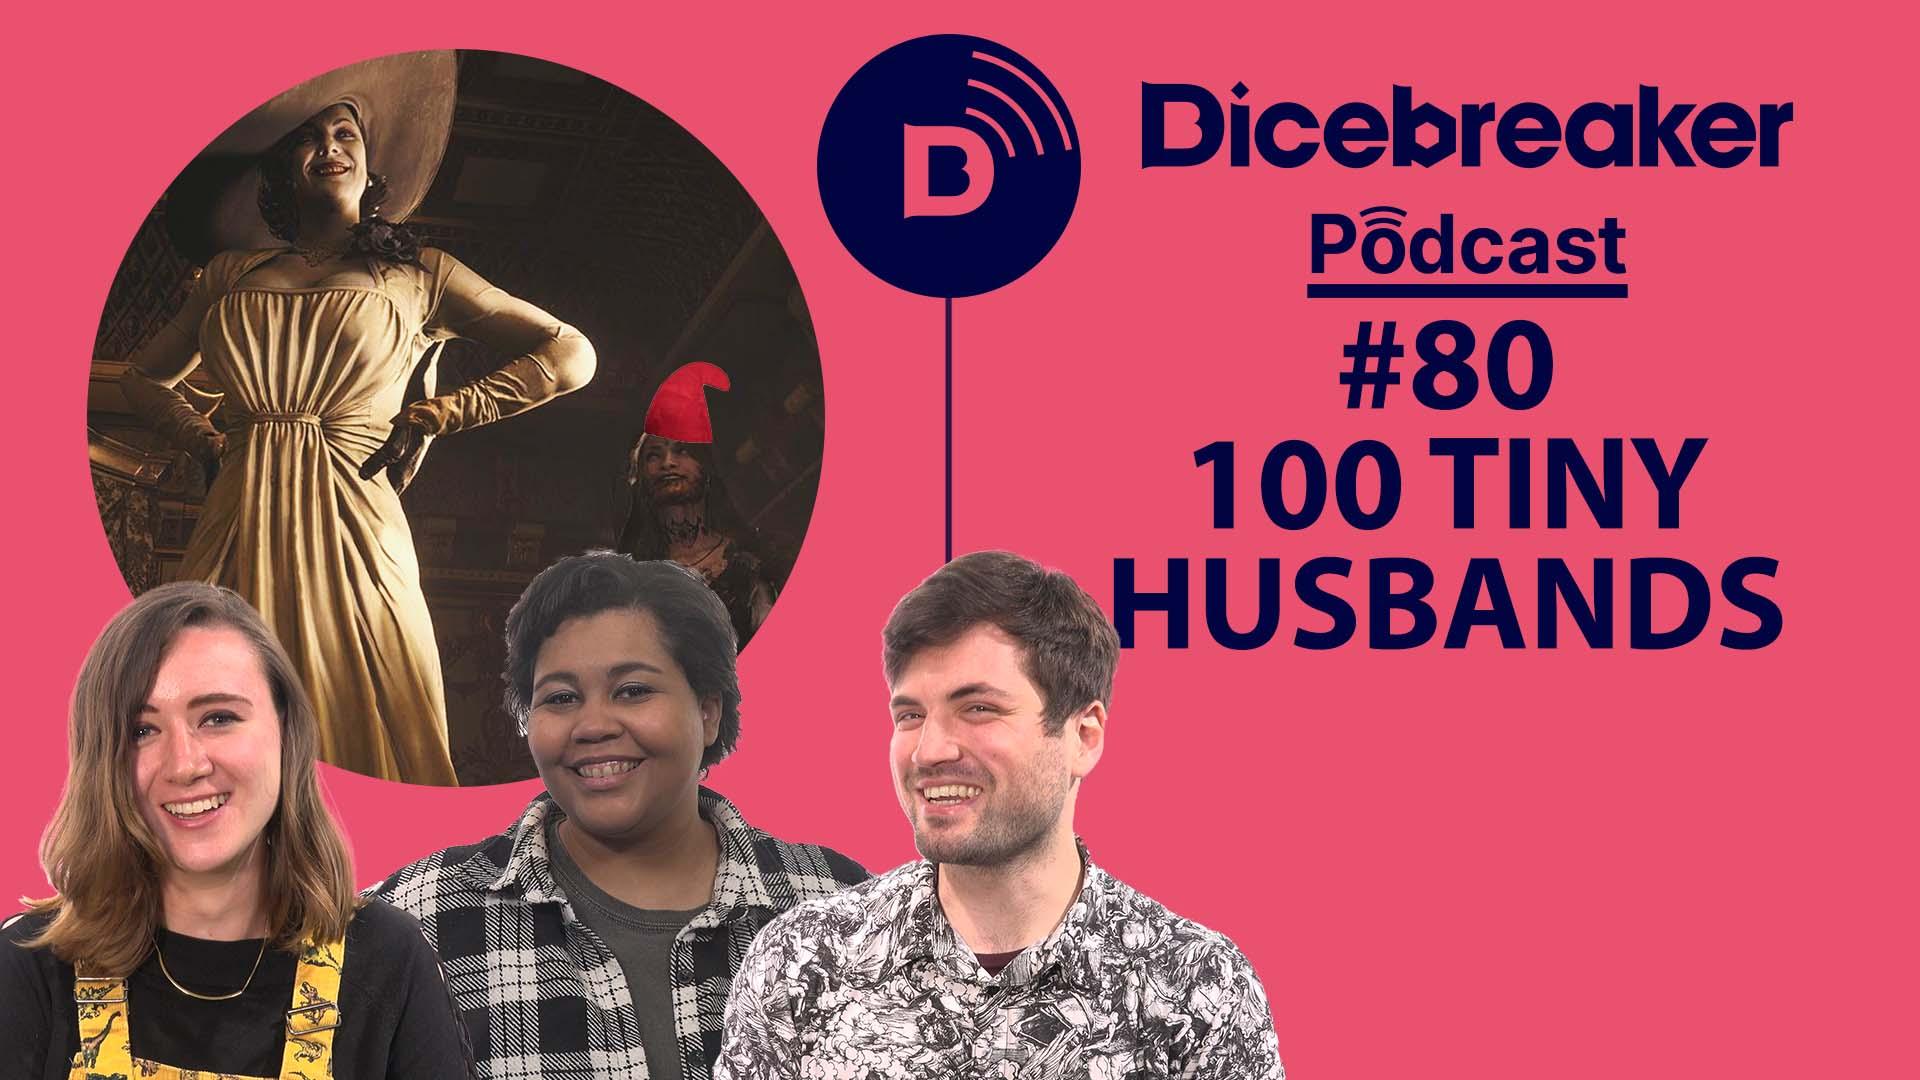 Dicebreaker Podcast Episode 80 thumbnail